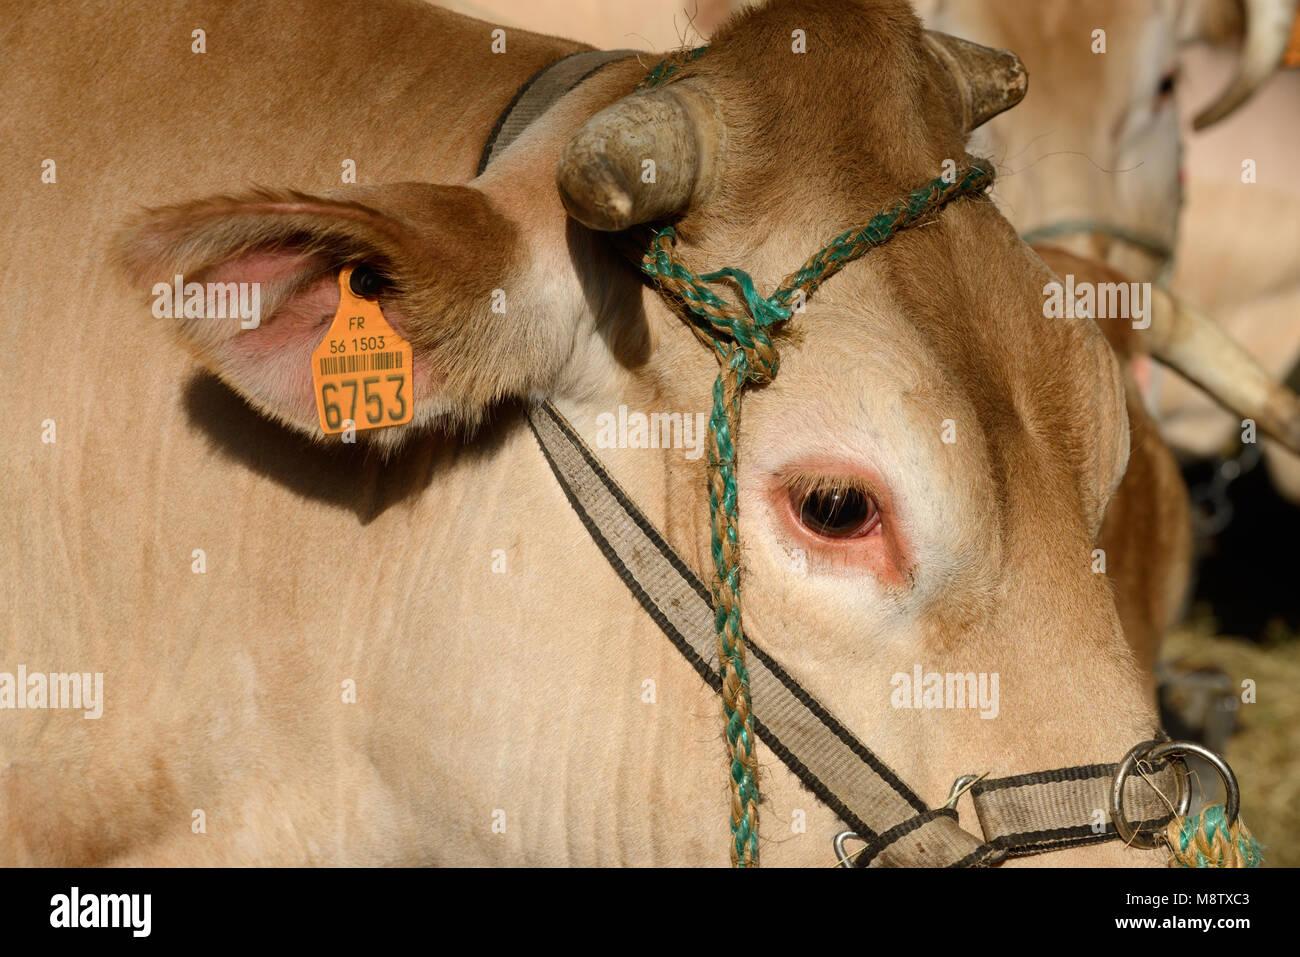 Blonde d'Aquitaine Rindfleisch Kuh oder Rinder mit Rückverfolgbarkeit oder Kennzeichnungen angebracht zu Stockbild